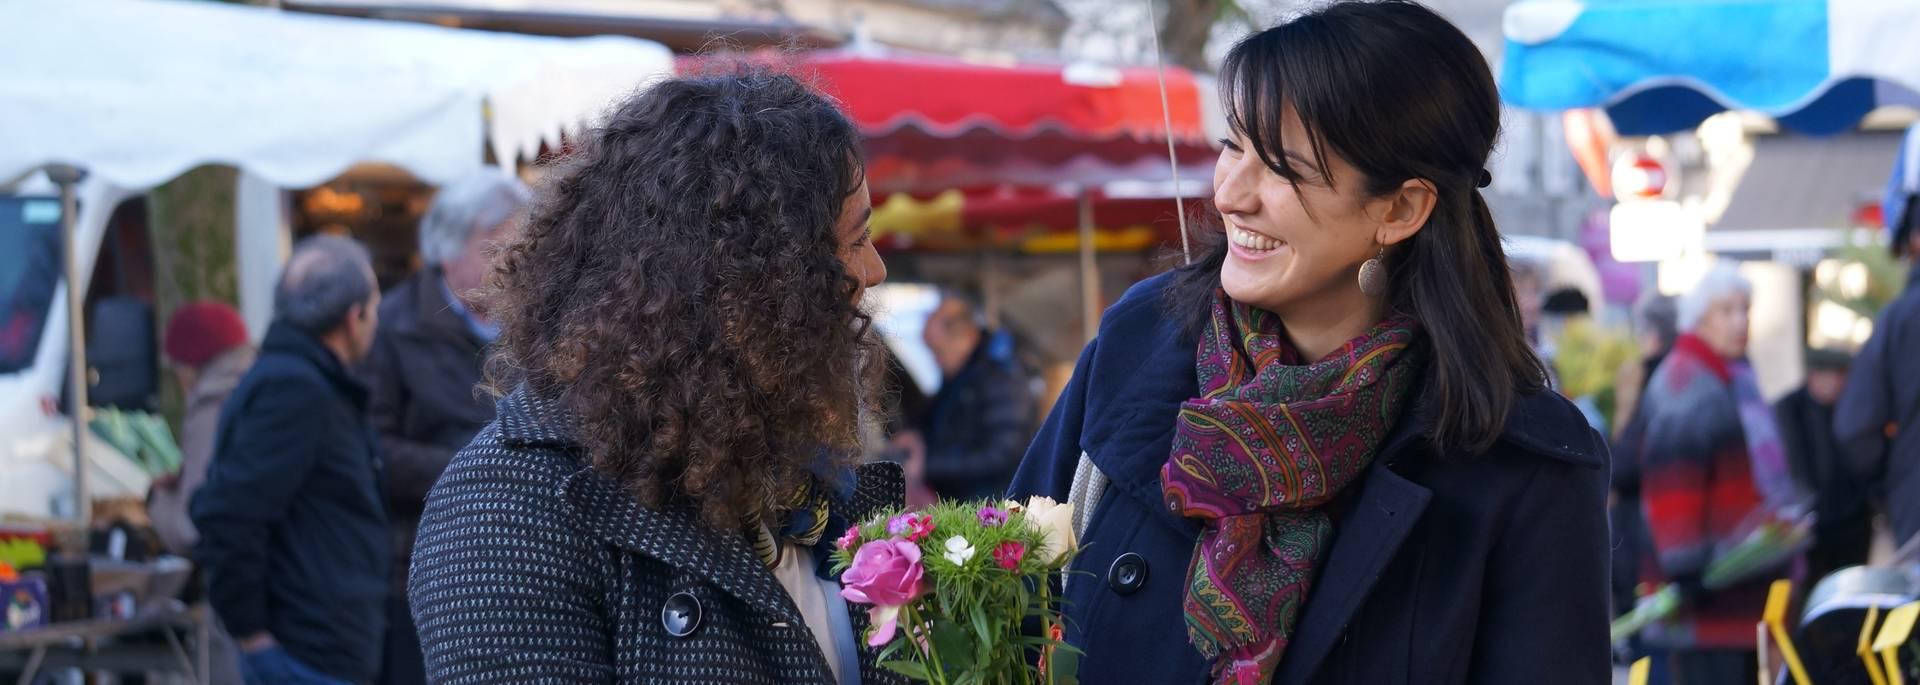 Un jour de marché à Pont-l'Abbé